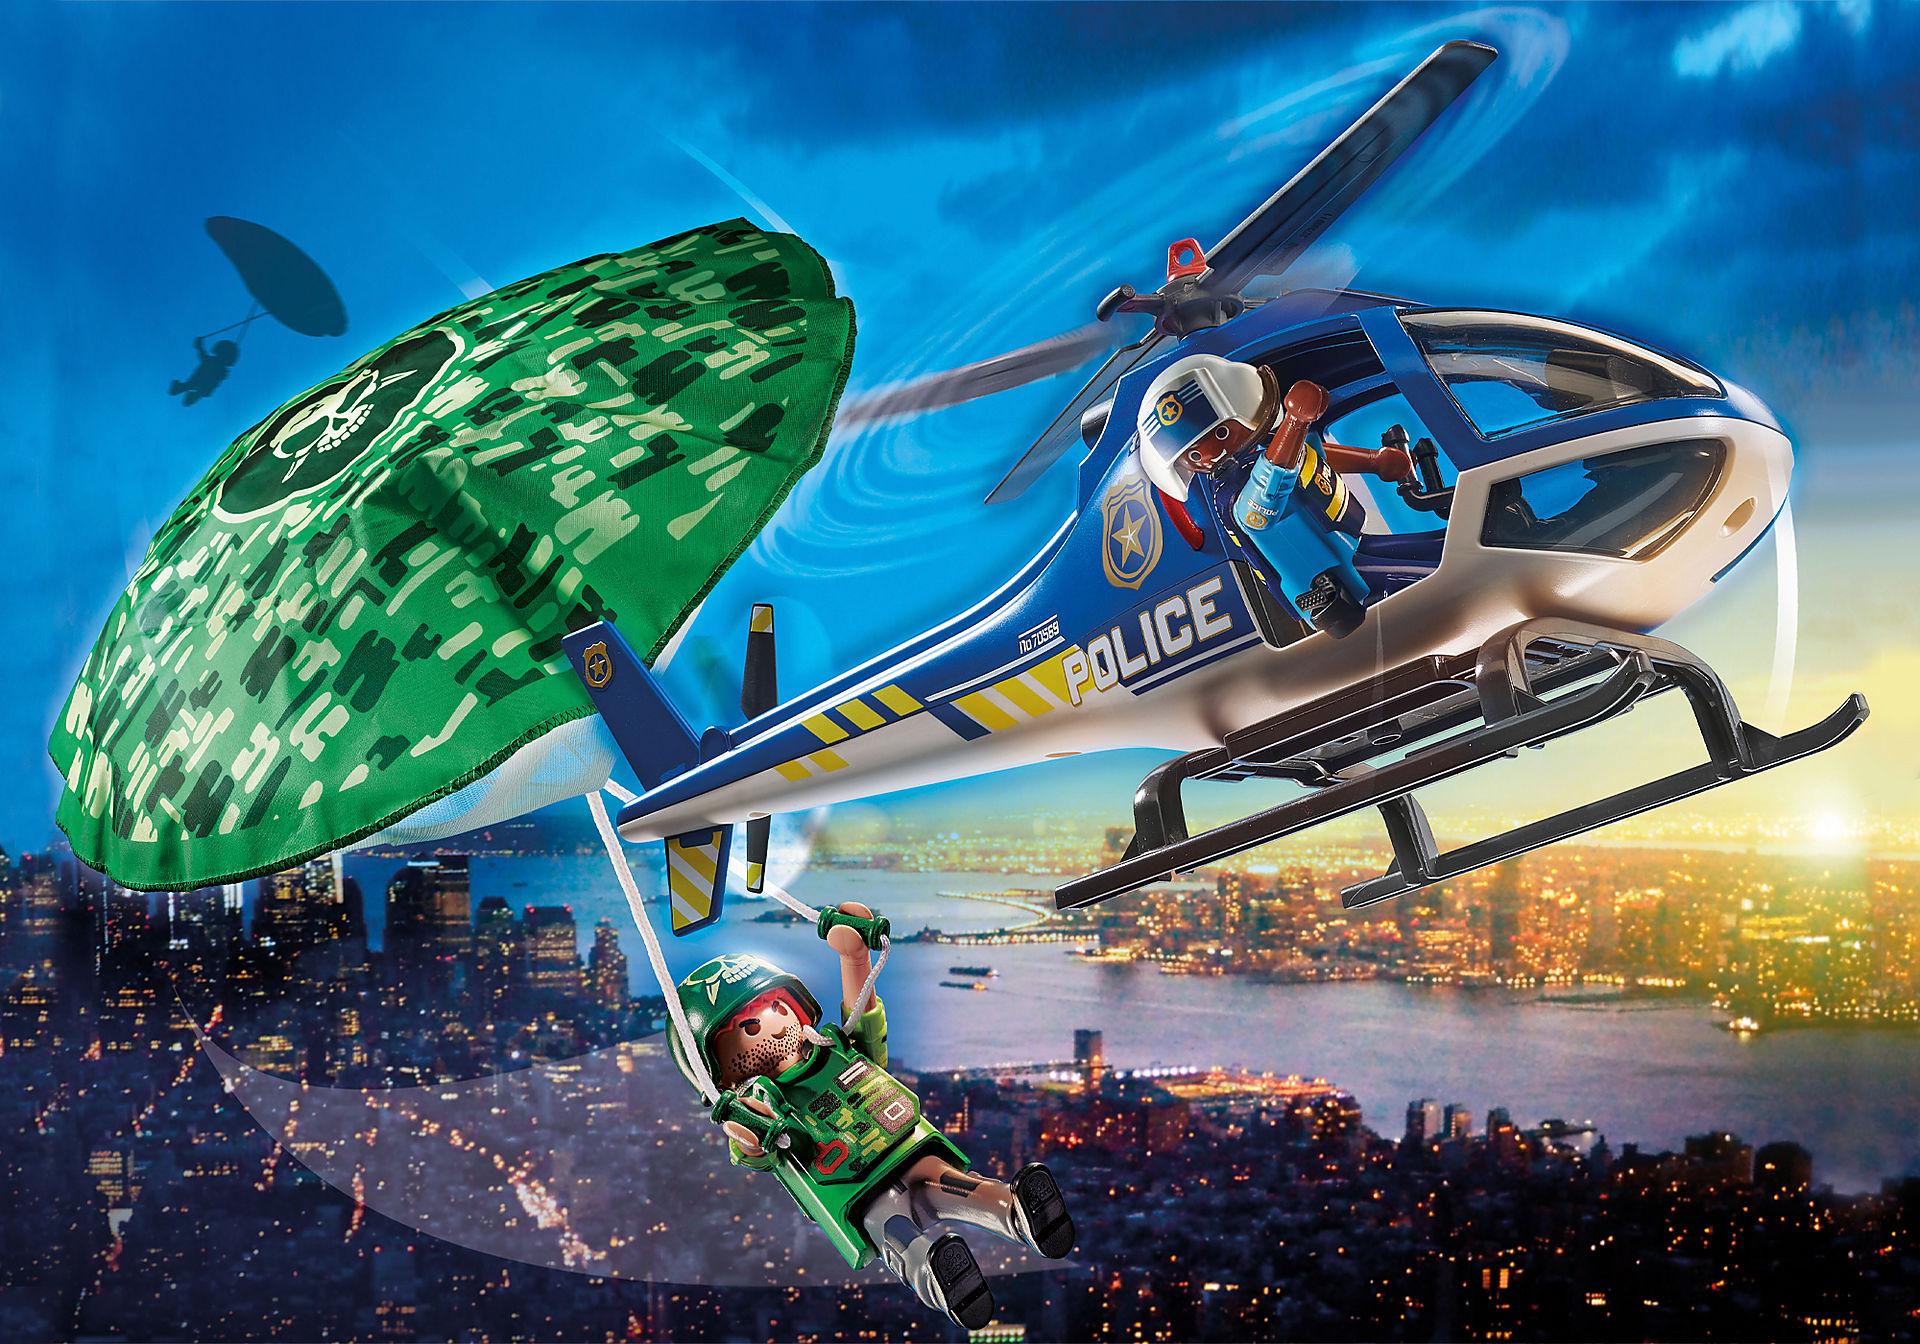 70569 Policyjny śmigłowiec: Ucieczka ze spadochronem zoom image1